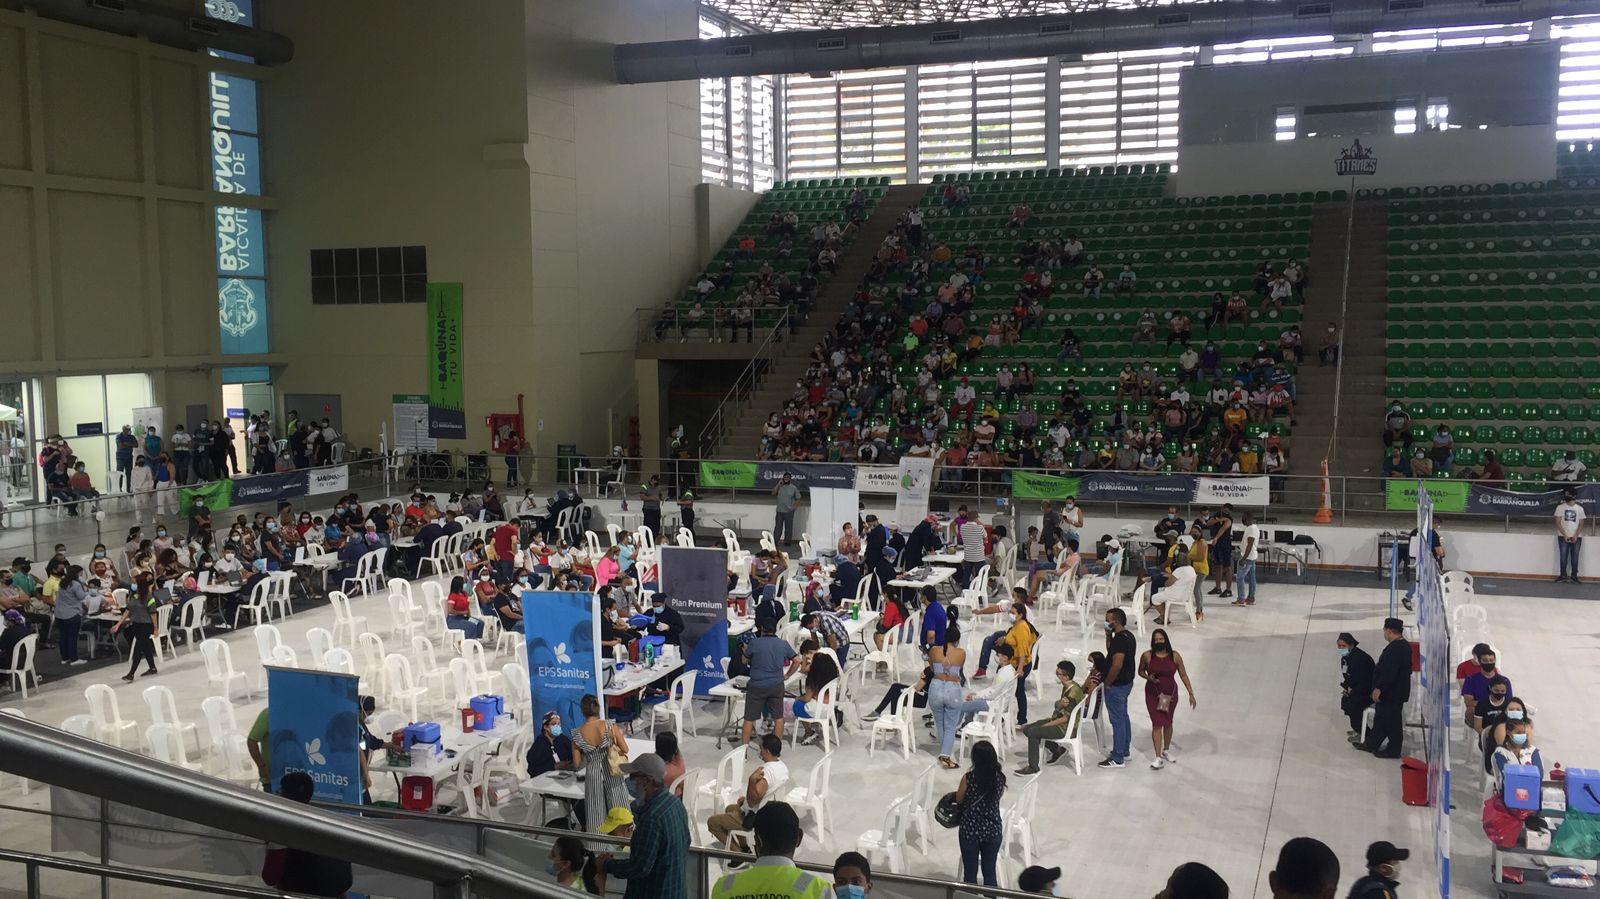 @alcaldiabquilla confirma llegada de vacunas Sinovac y Pfizer a Barranquilla